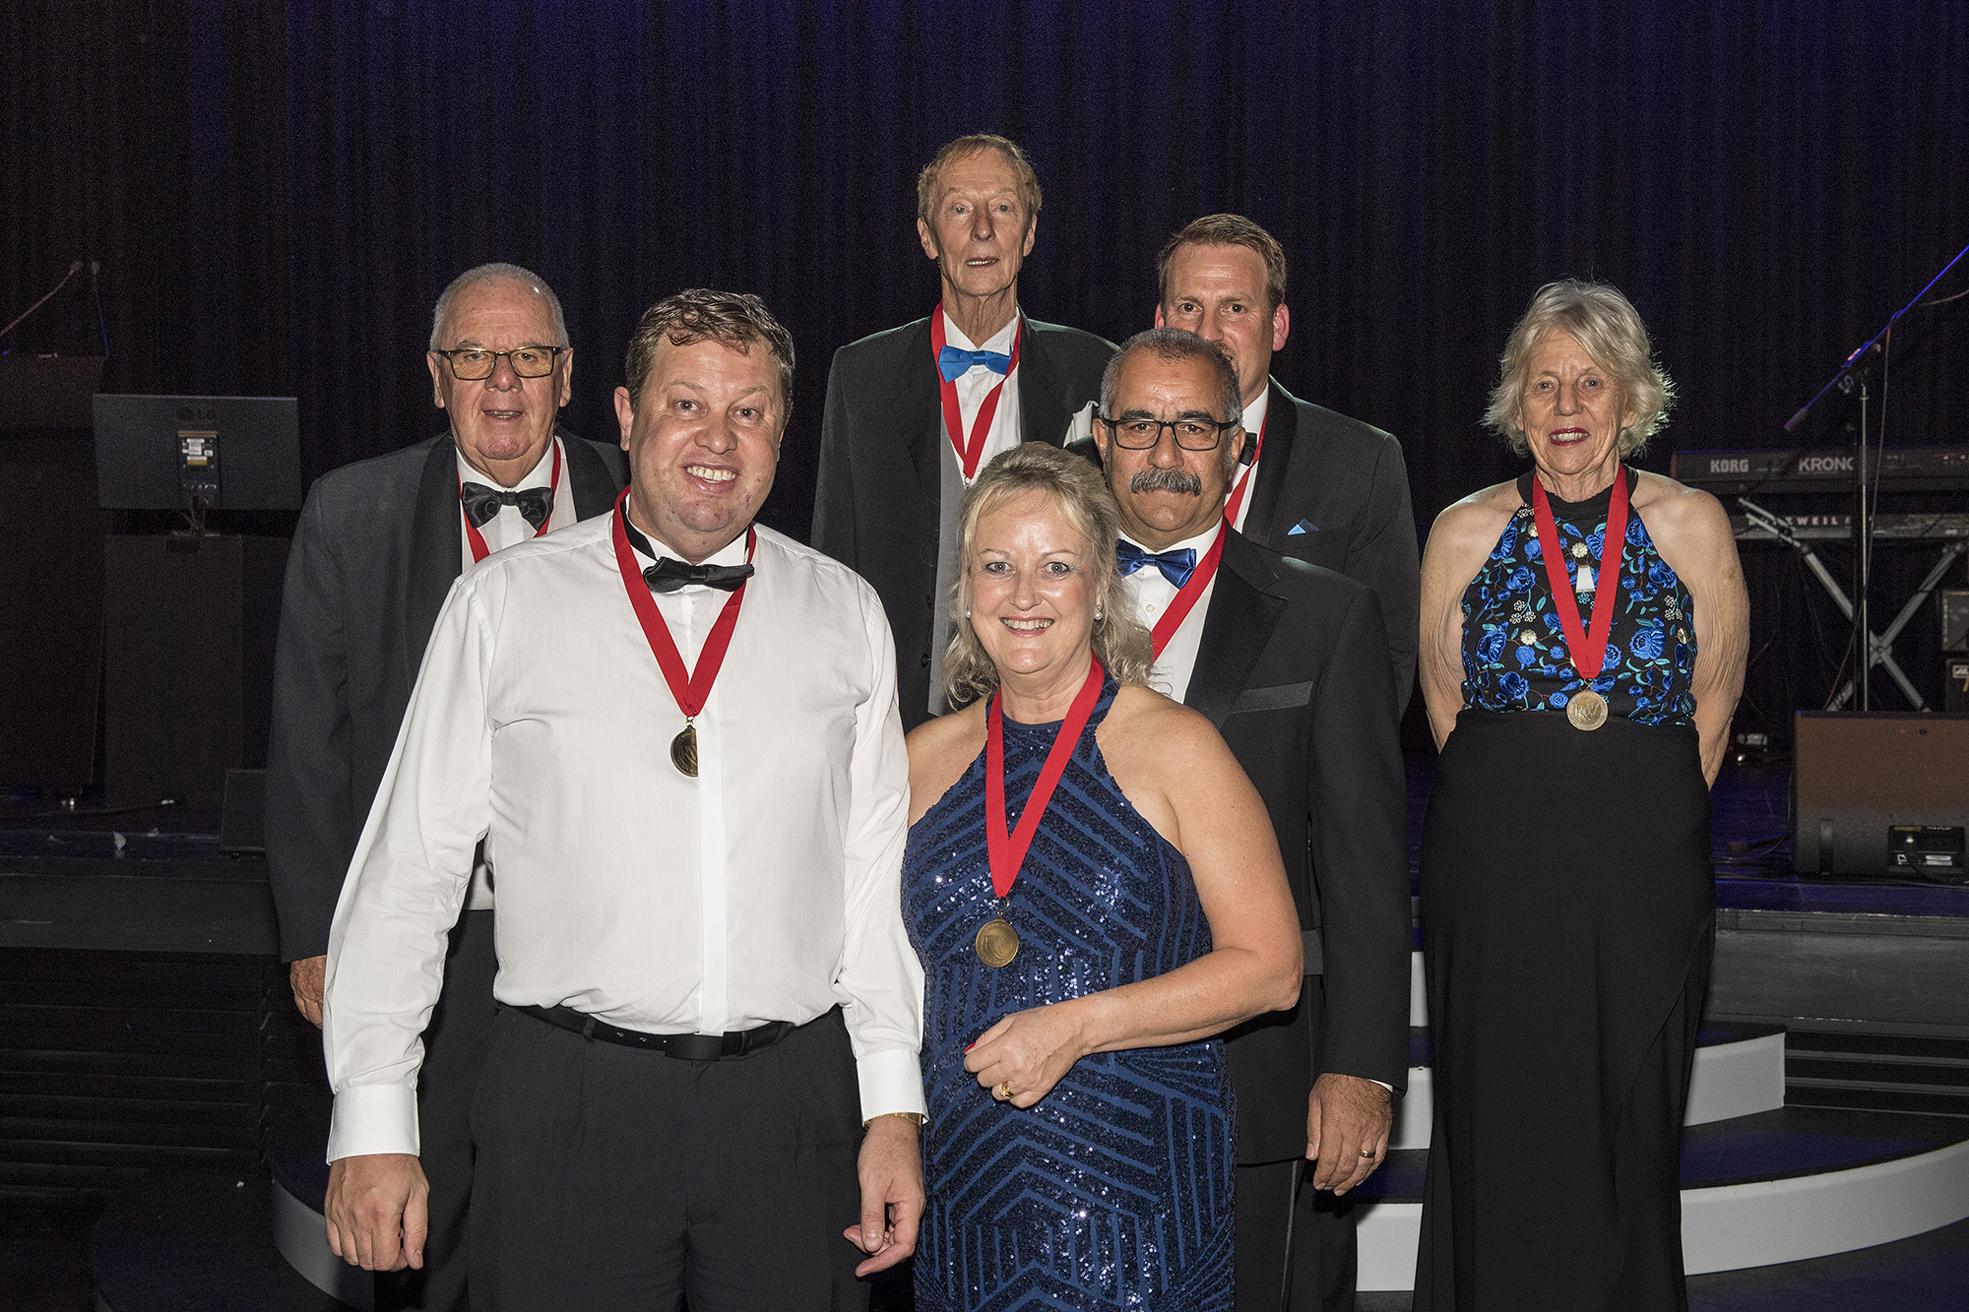 Harcourts WA celebrates its successes at gala night